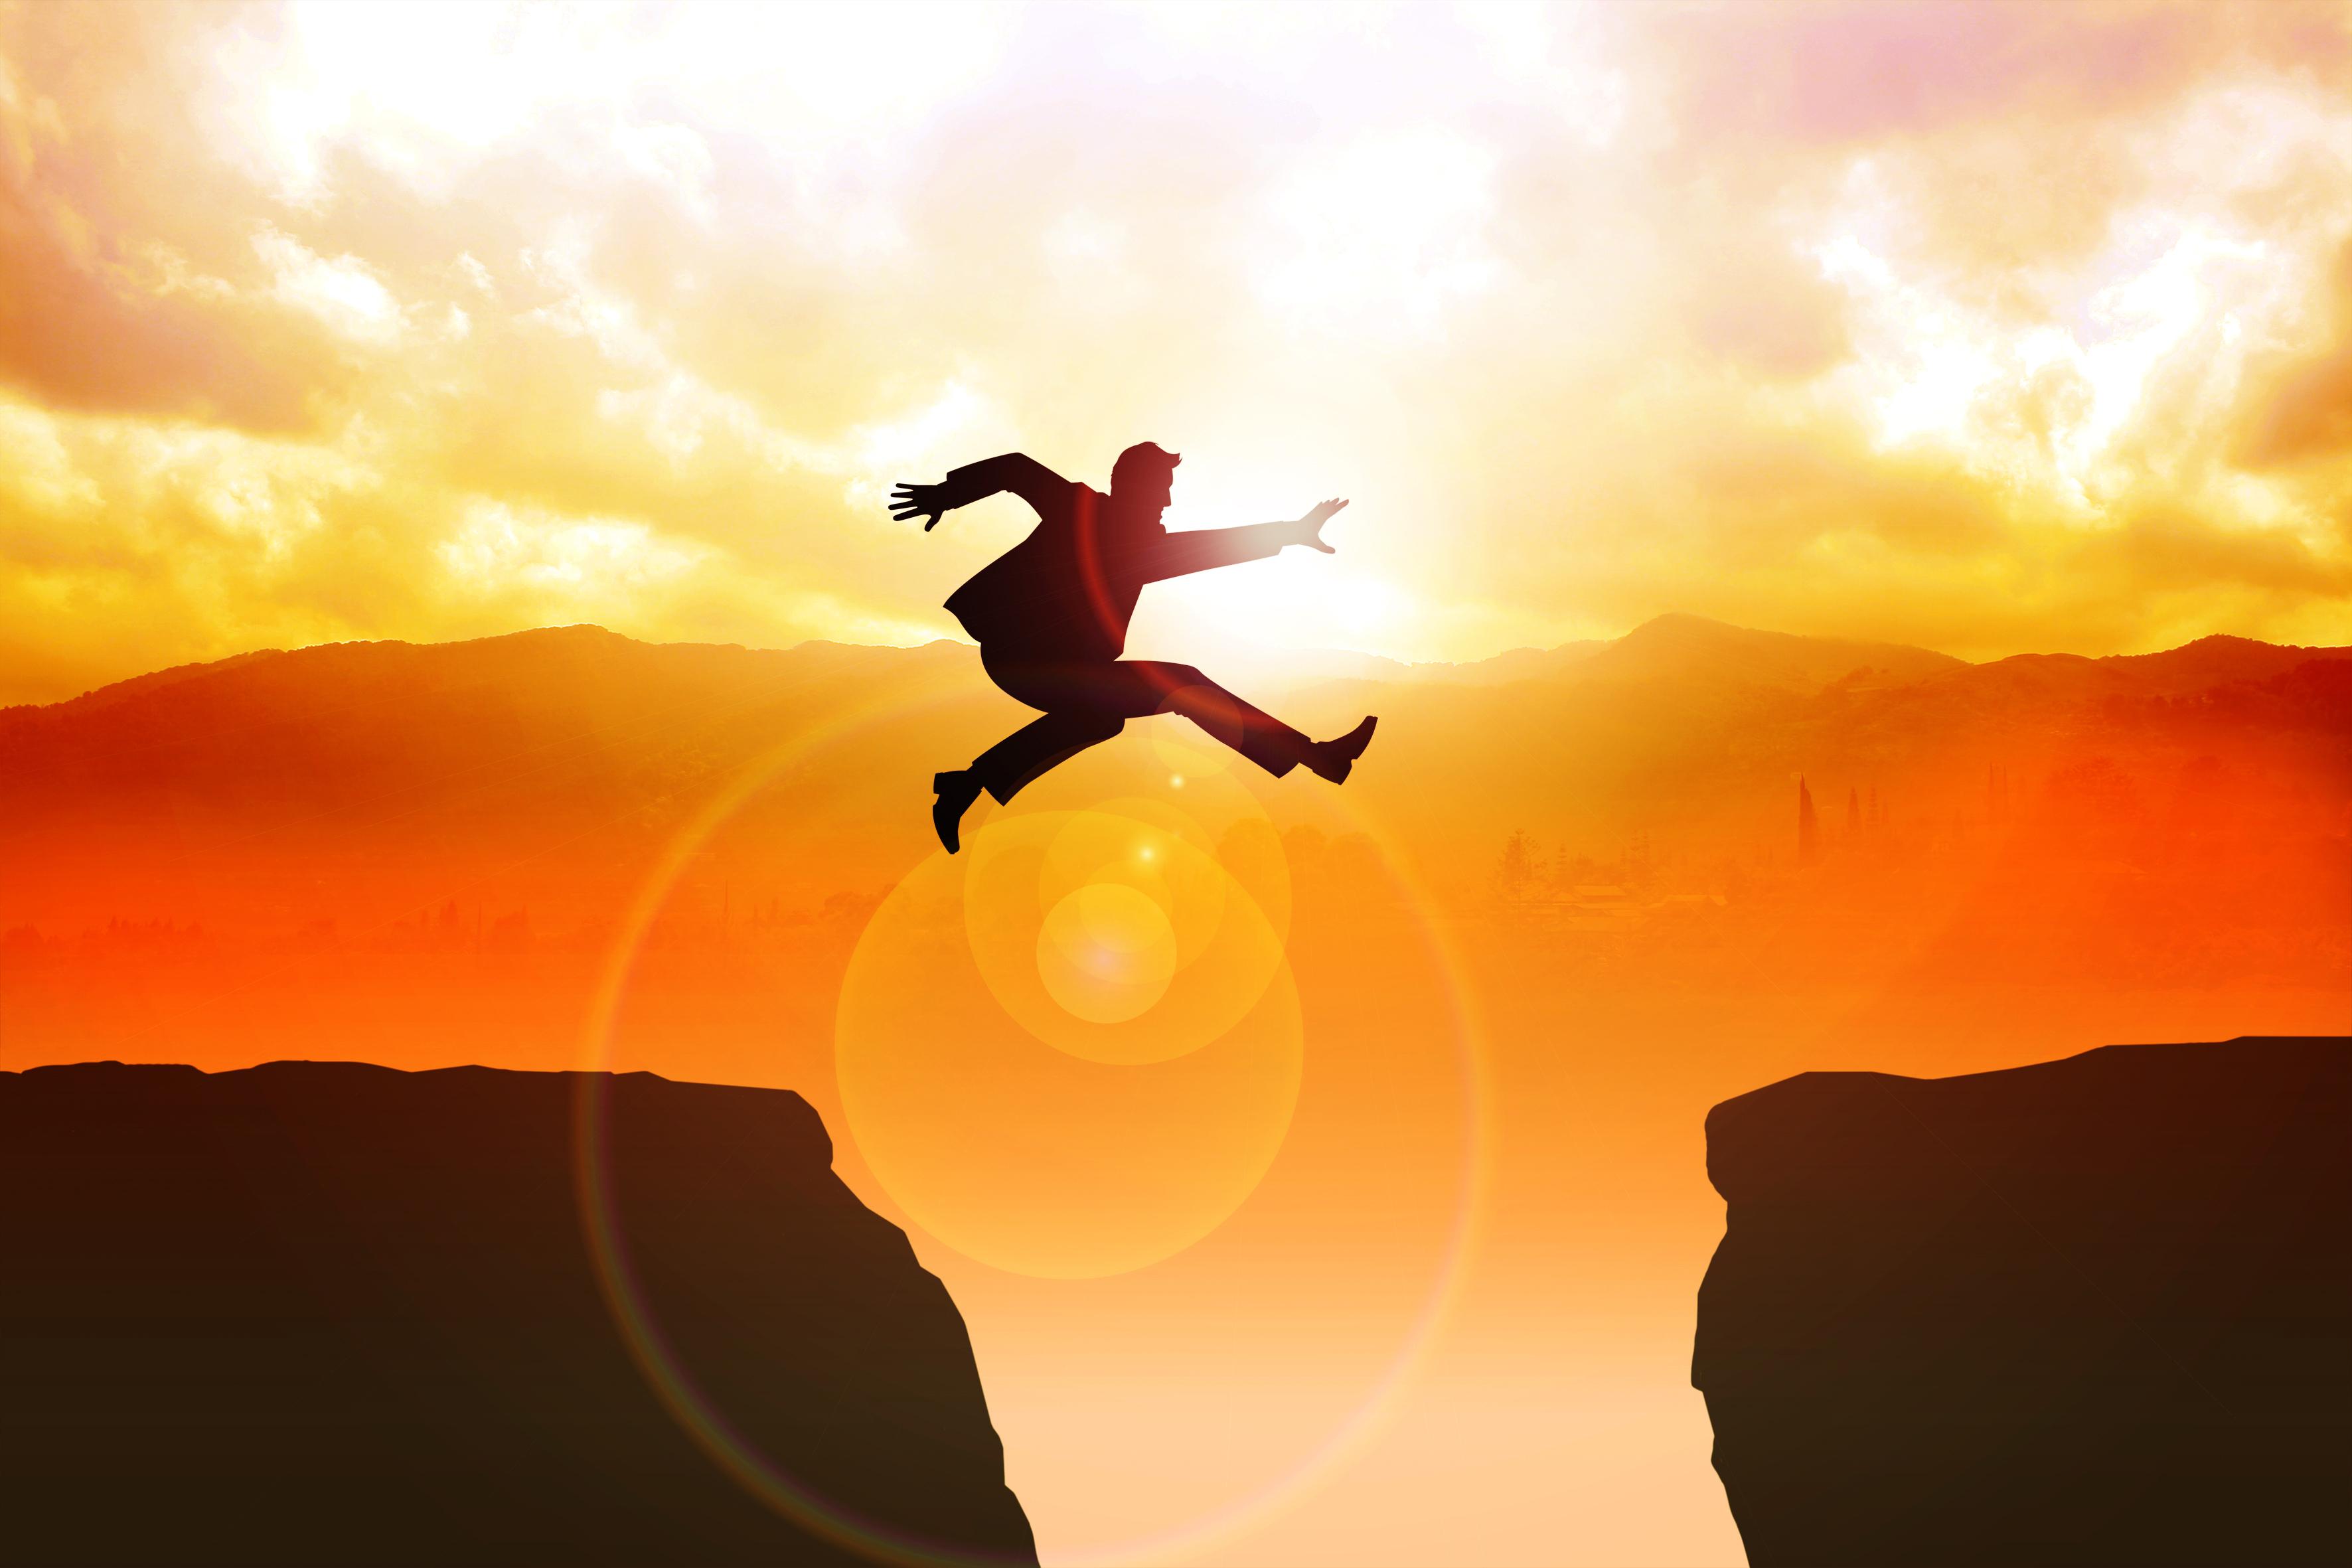 man-jumping-shutterstock_231666442